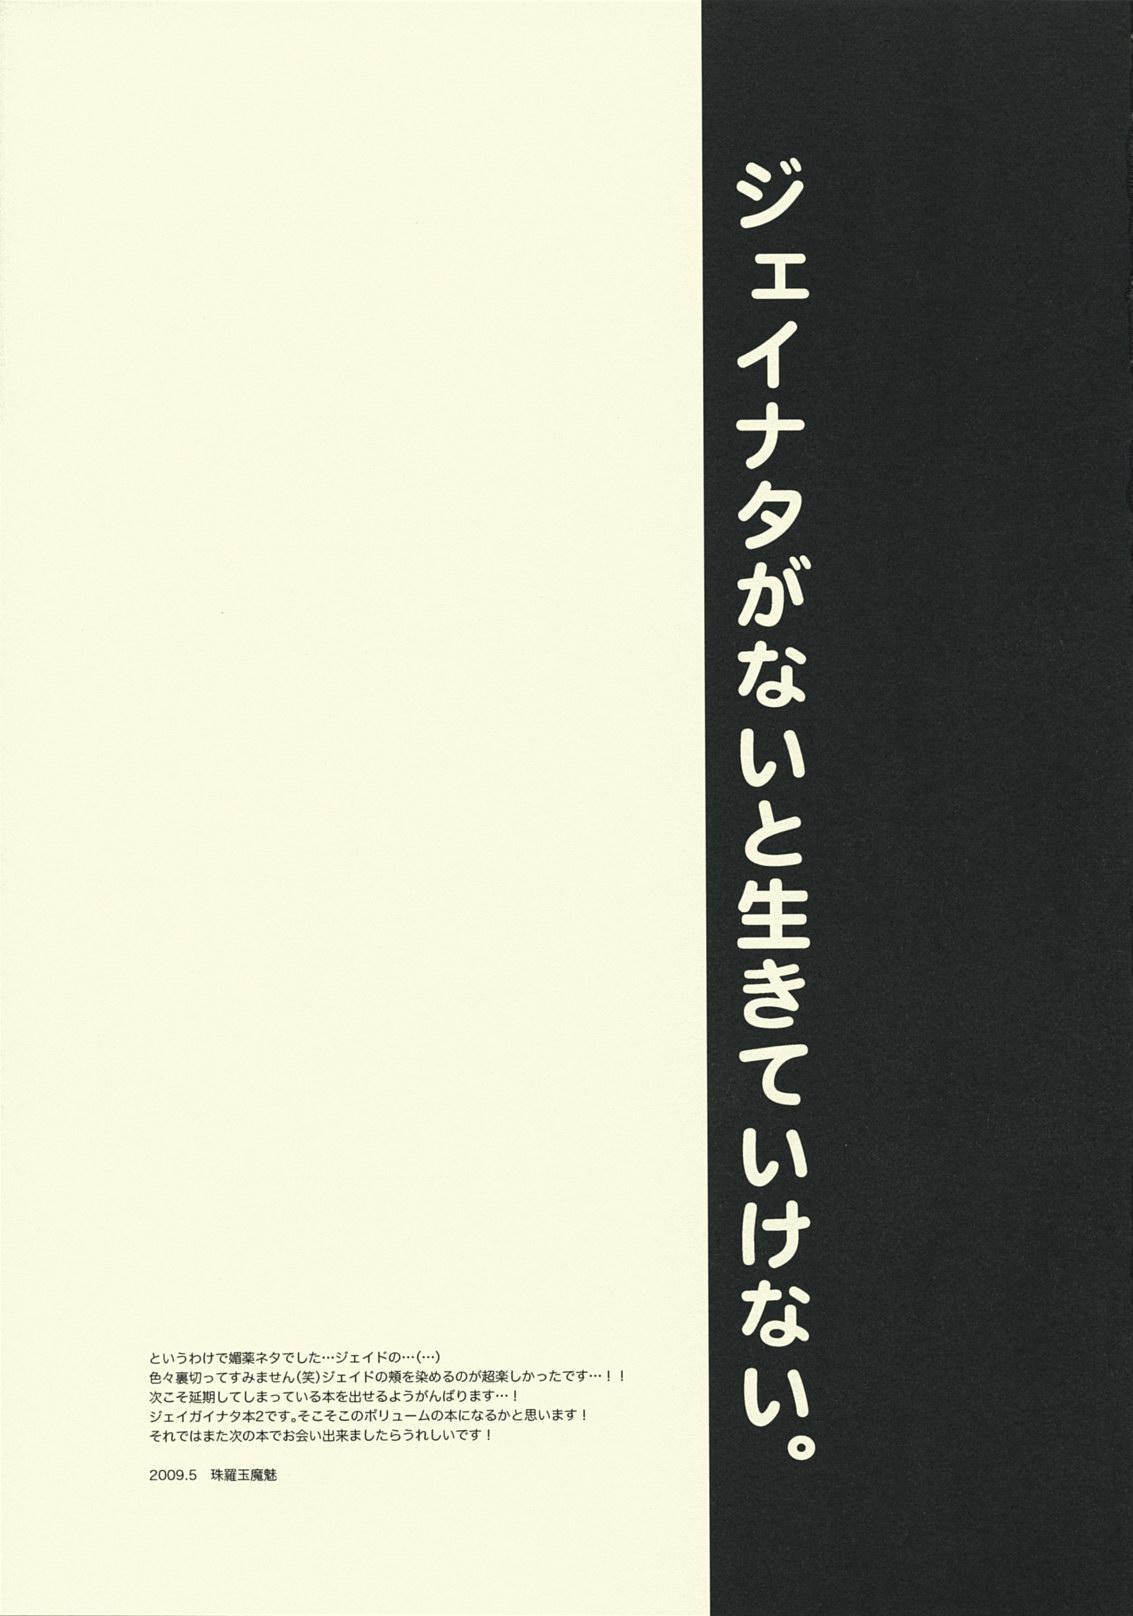 (SUPER18) [Shinsen Gokuraku (Shuragyoku Mami)] NO-JN-NO-LIFE (Tales of the Abyss) 15